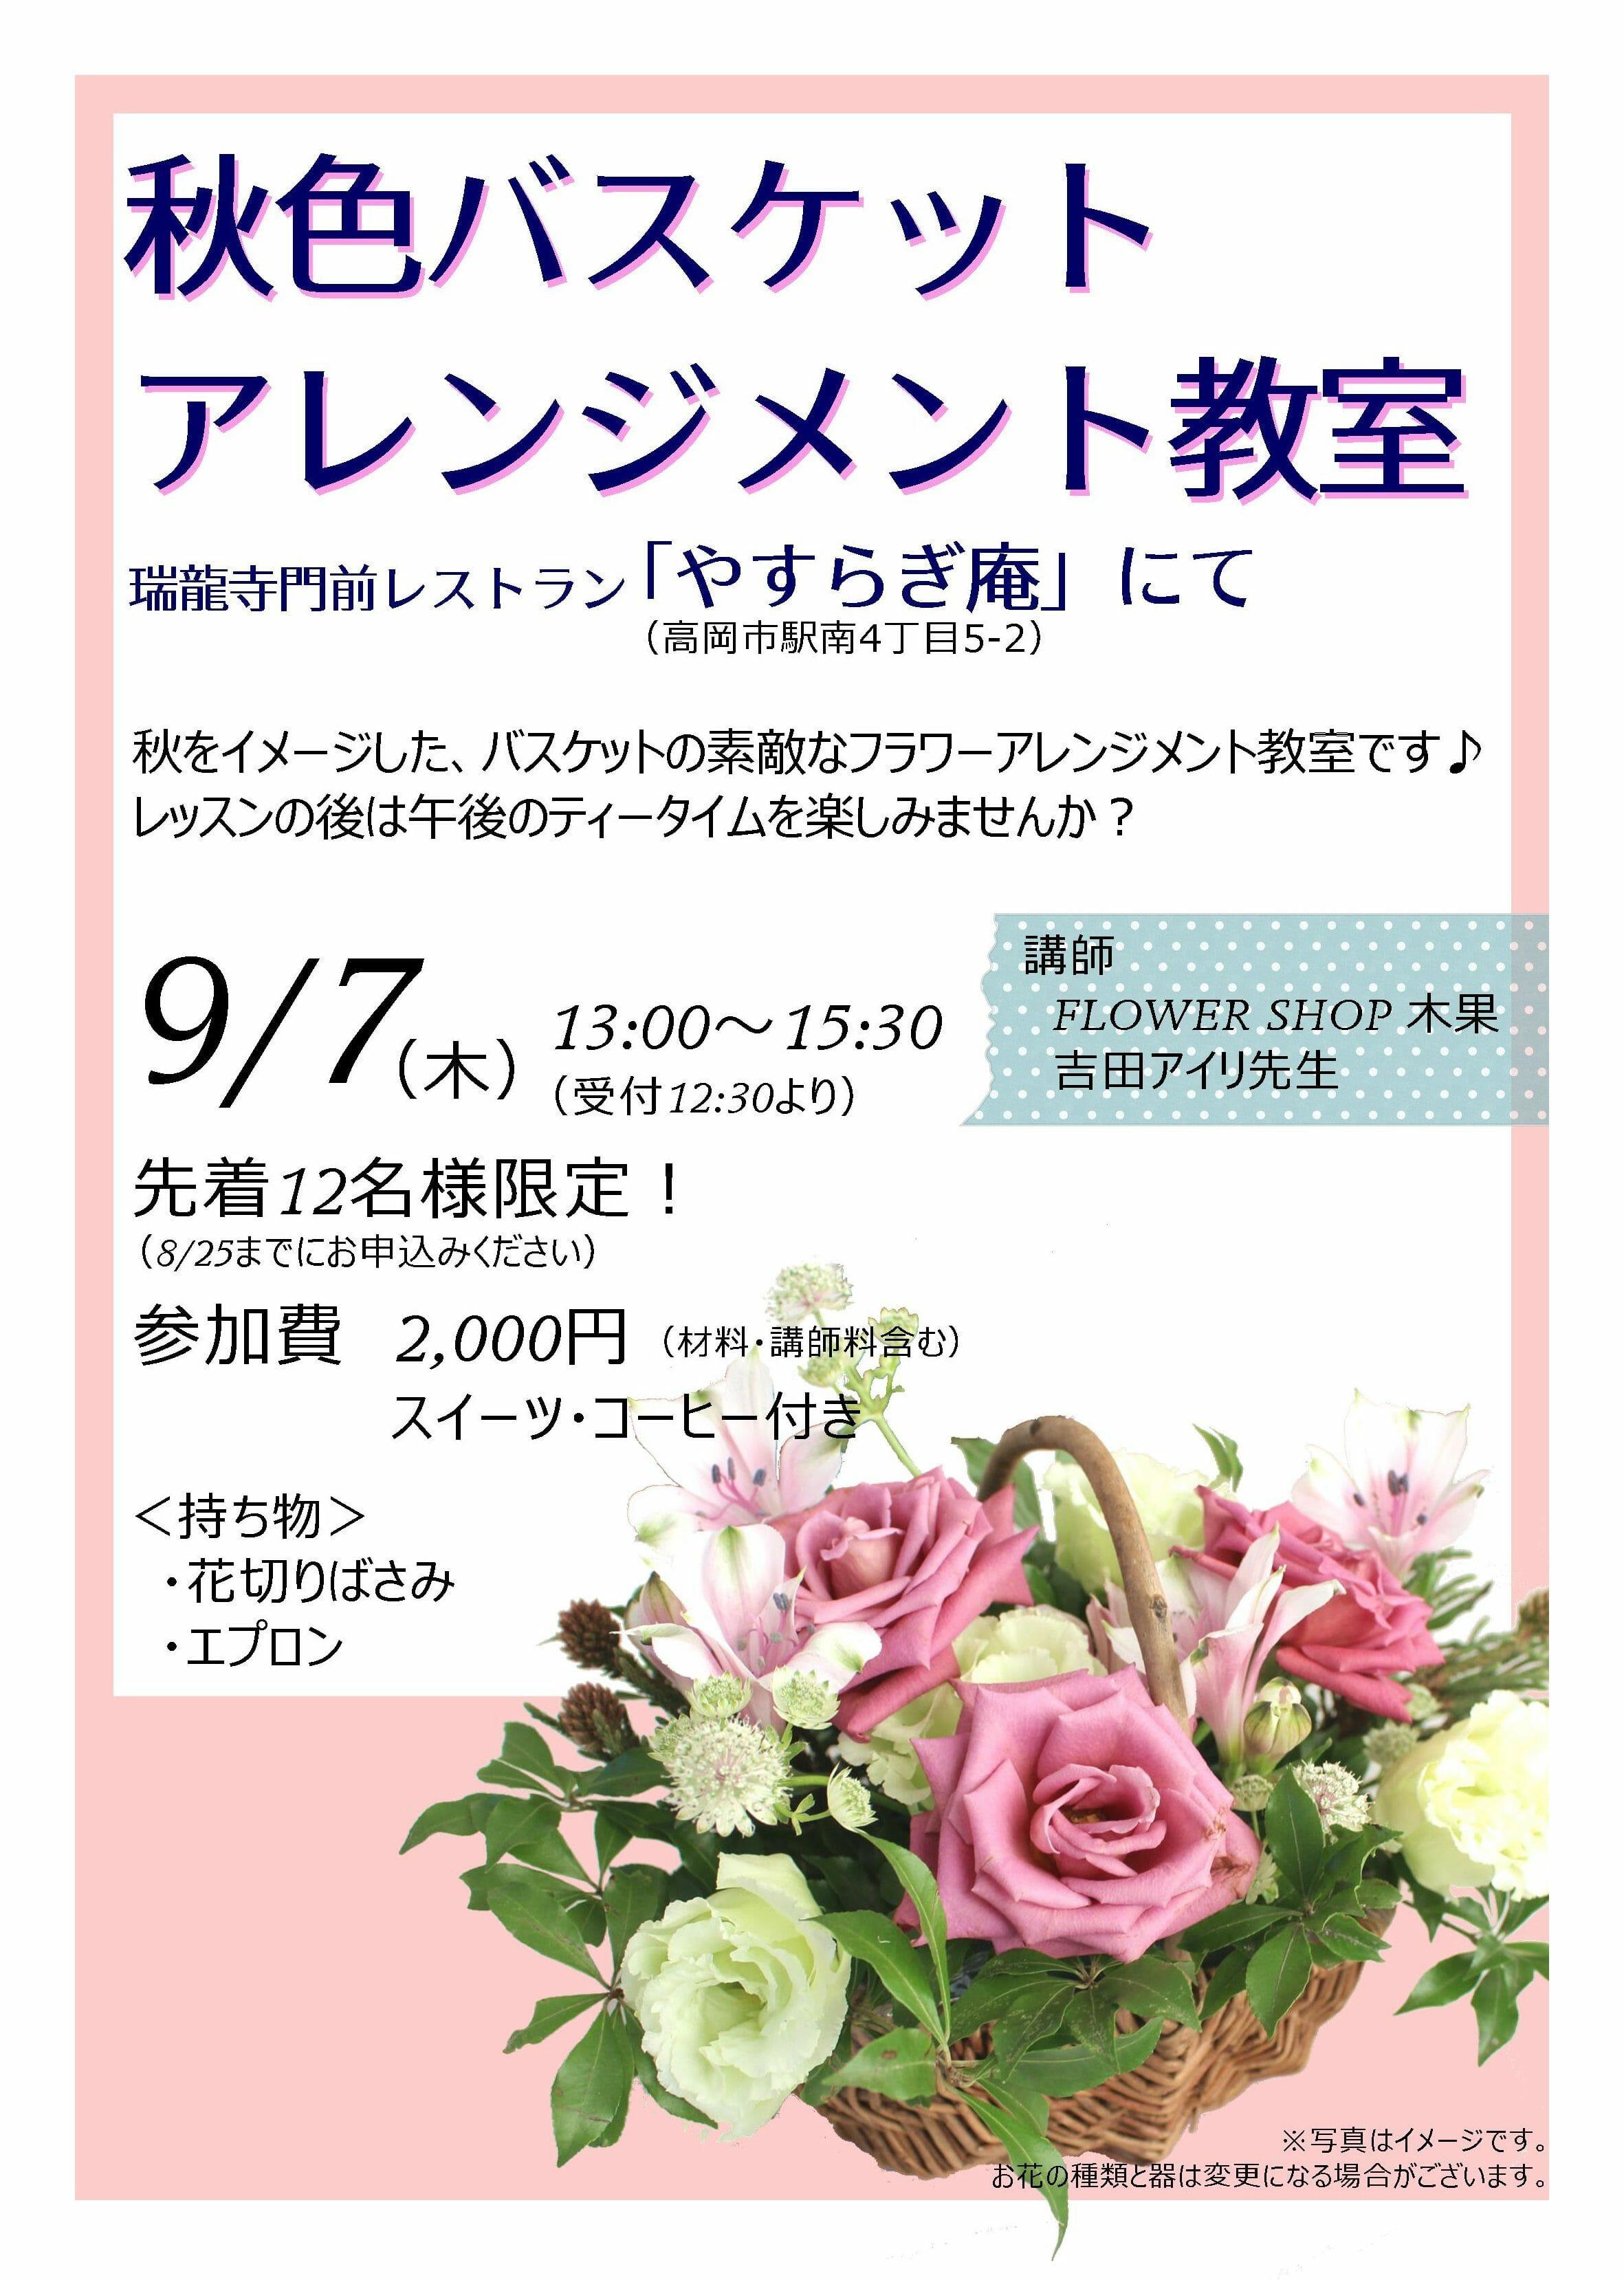 9/7(木)秋色バスケットアレンジメント教室inやすらぎ庵【高岡支店】